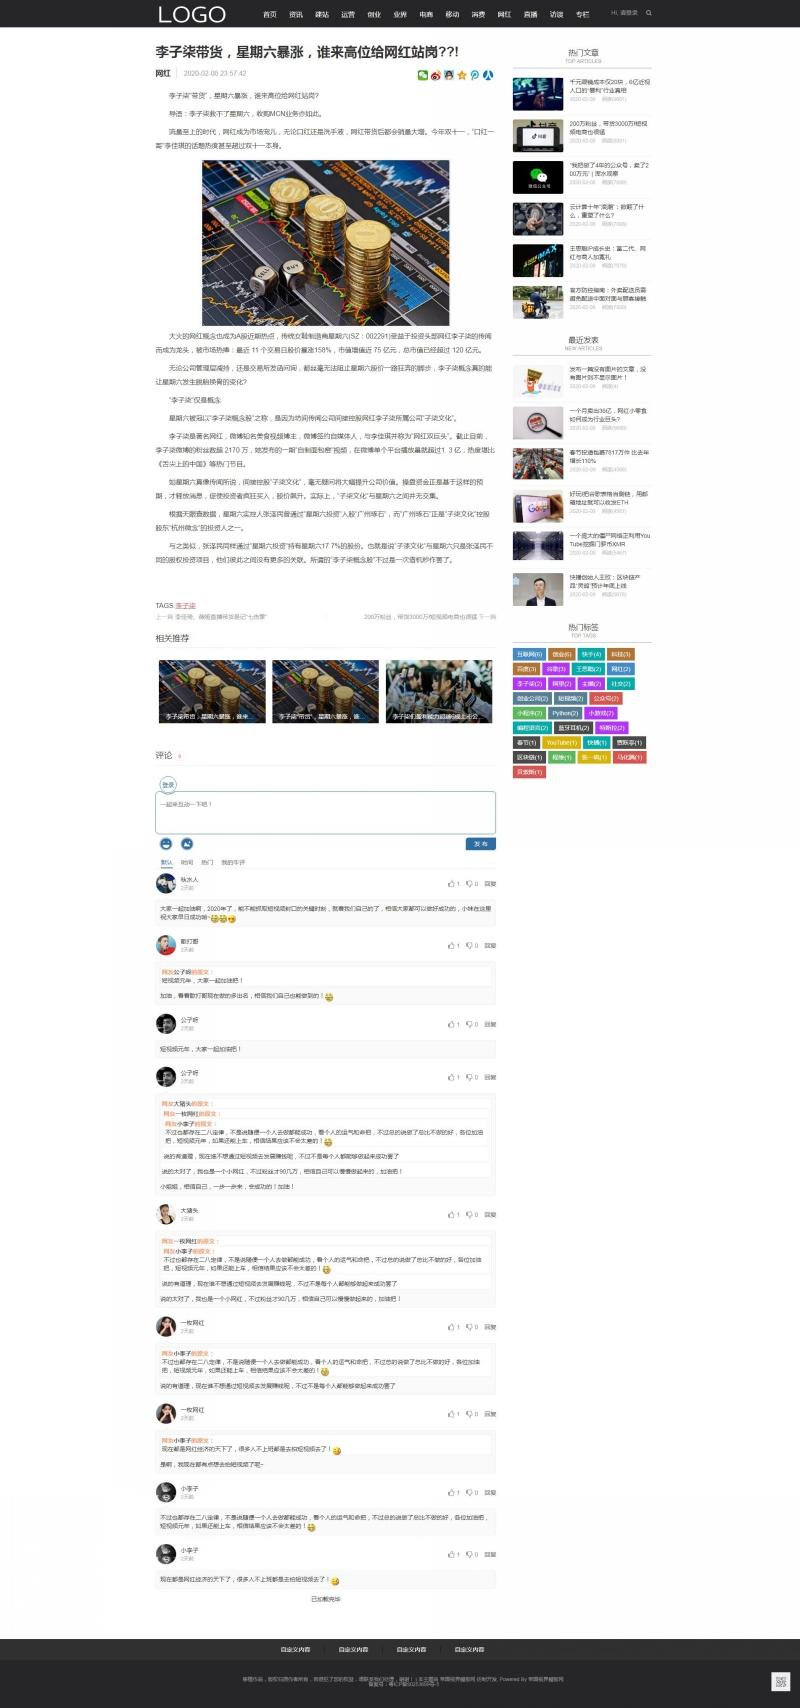 [DG-057]帝国CMS高端大气黑色自媒体新闻资讯个人博客模板(带会员中心) [DG-006]帝国cms模板仿百度百家新闻资讯博客模板 新闻资讯 第3张